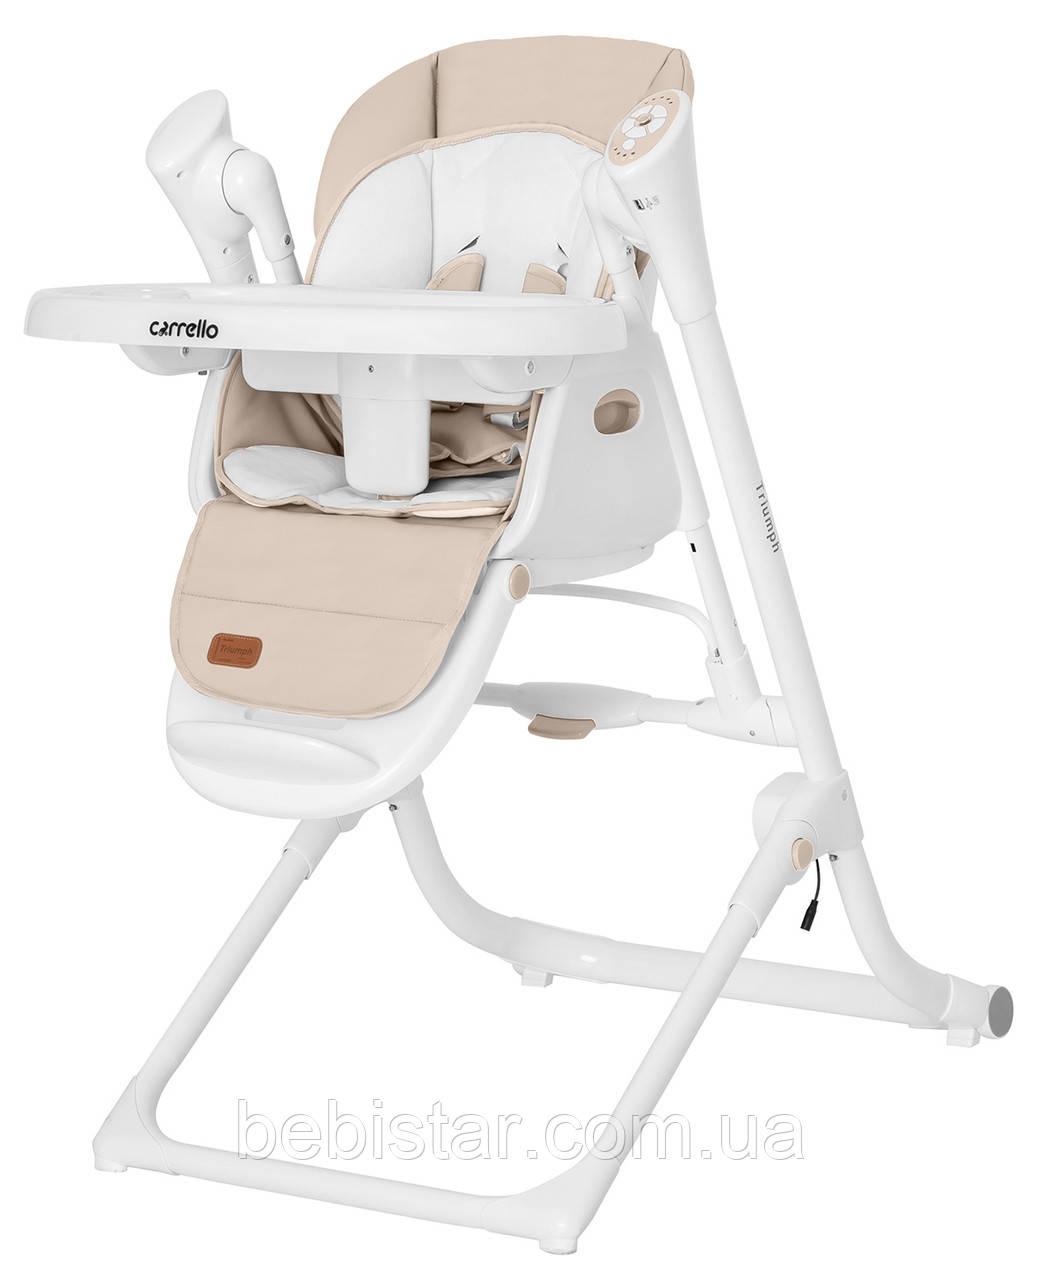 Стільчик для годування крісло-качалка шезлонг бежевий Carrello Triumph з пультом від народження до 3-х років